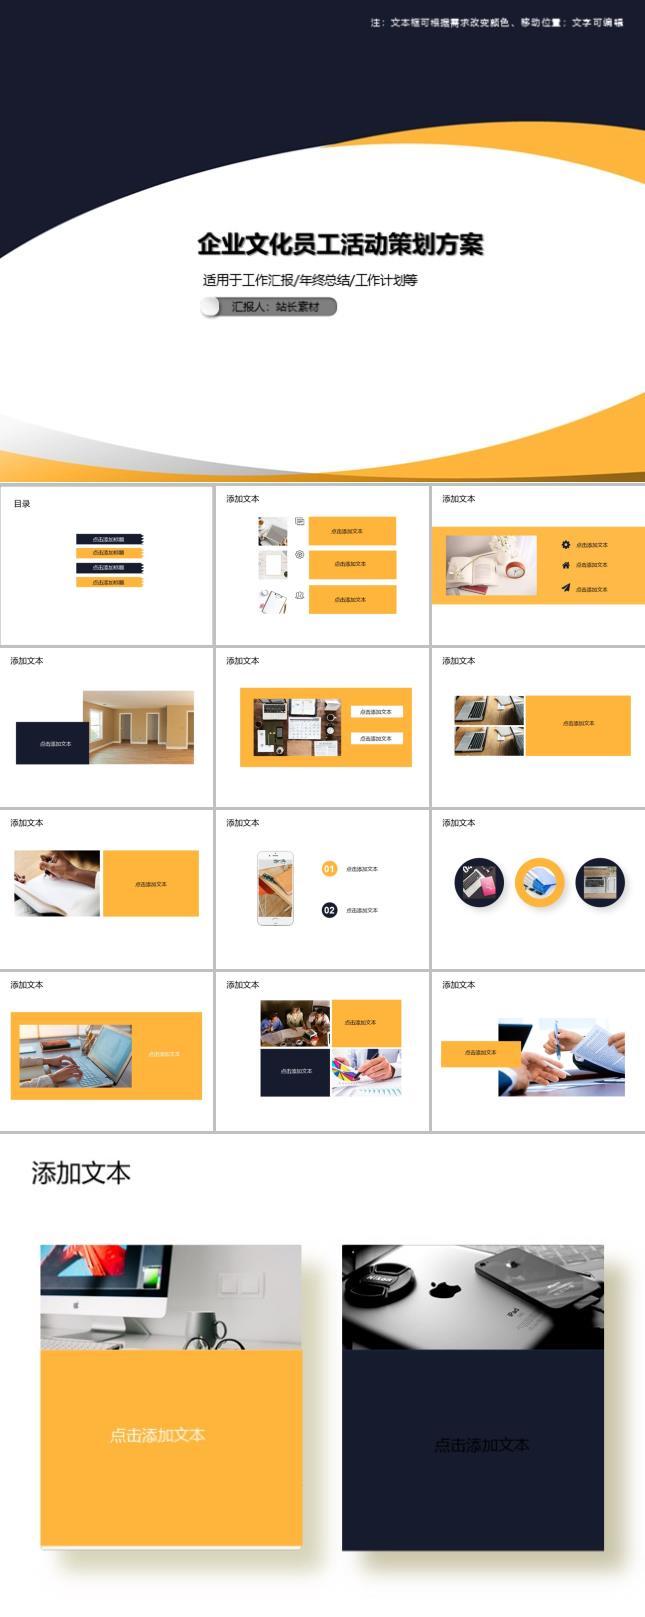 企业文化员工活动策划方案ppt模板